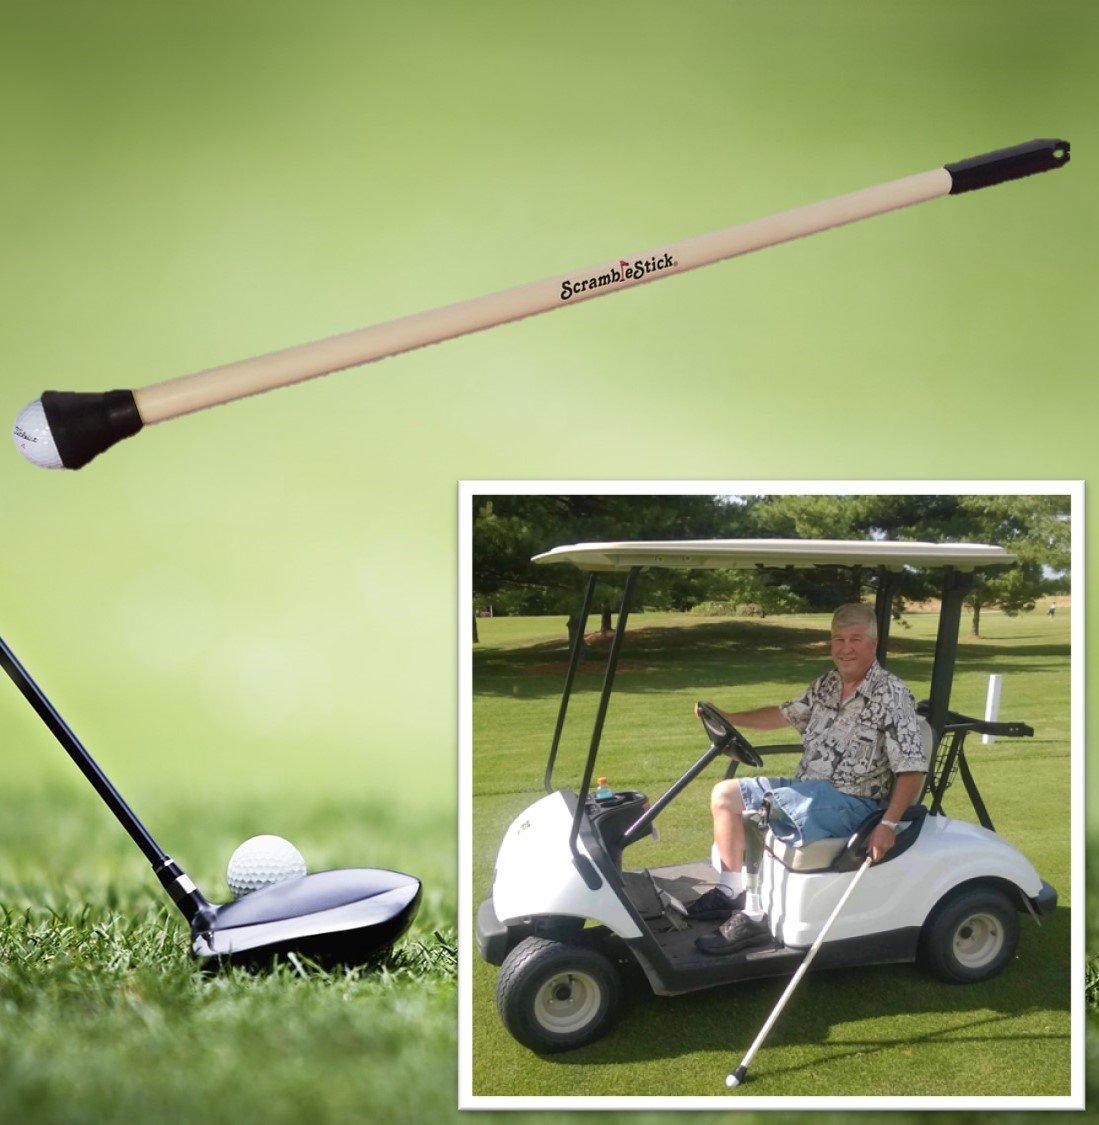 ScrambleStick The Original Golf Ball Retriever, Designed for Scramble Golf, 32-Inch